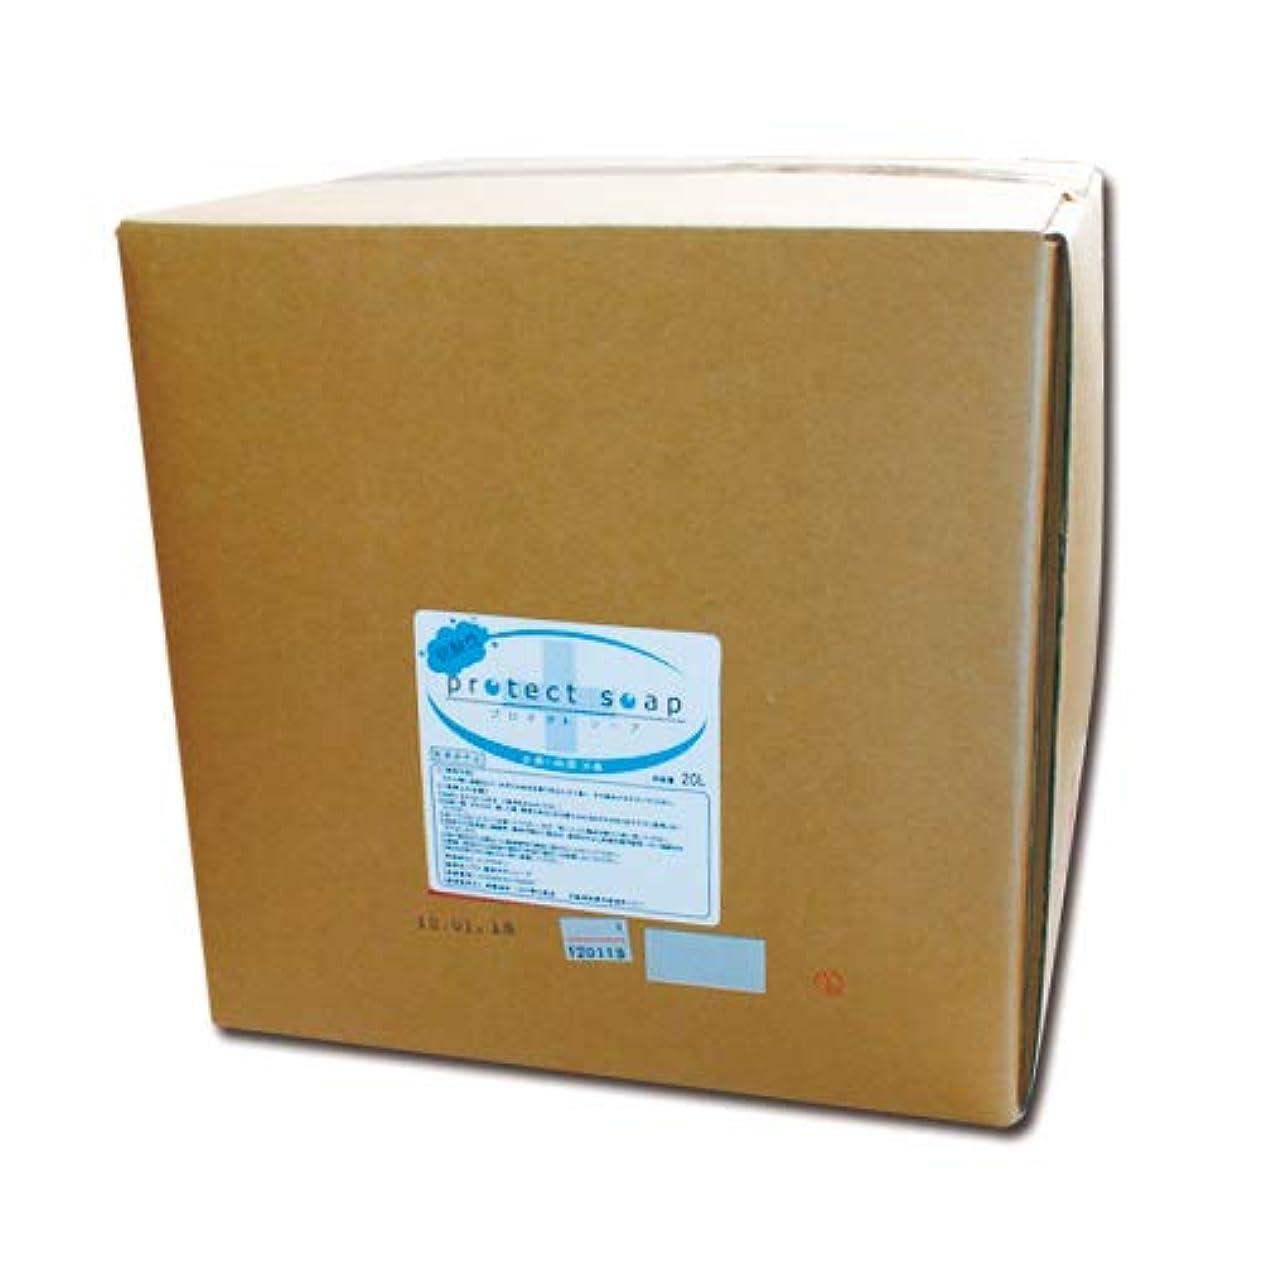 郵便物無限評決低刺激弱酸性 液体石鹸 プロテクトソープ 20L 業務用